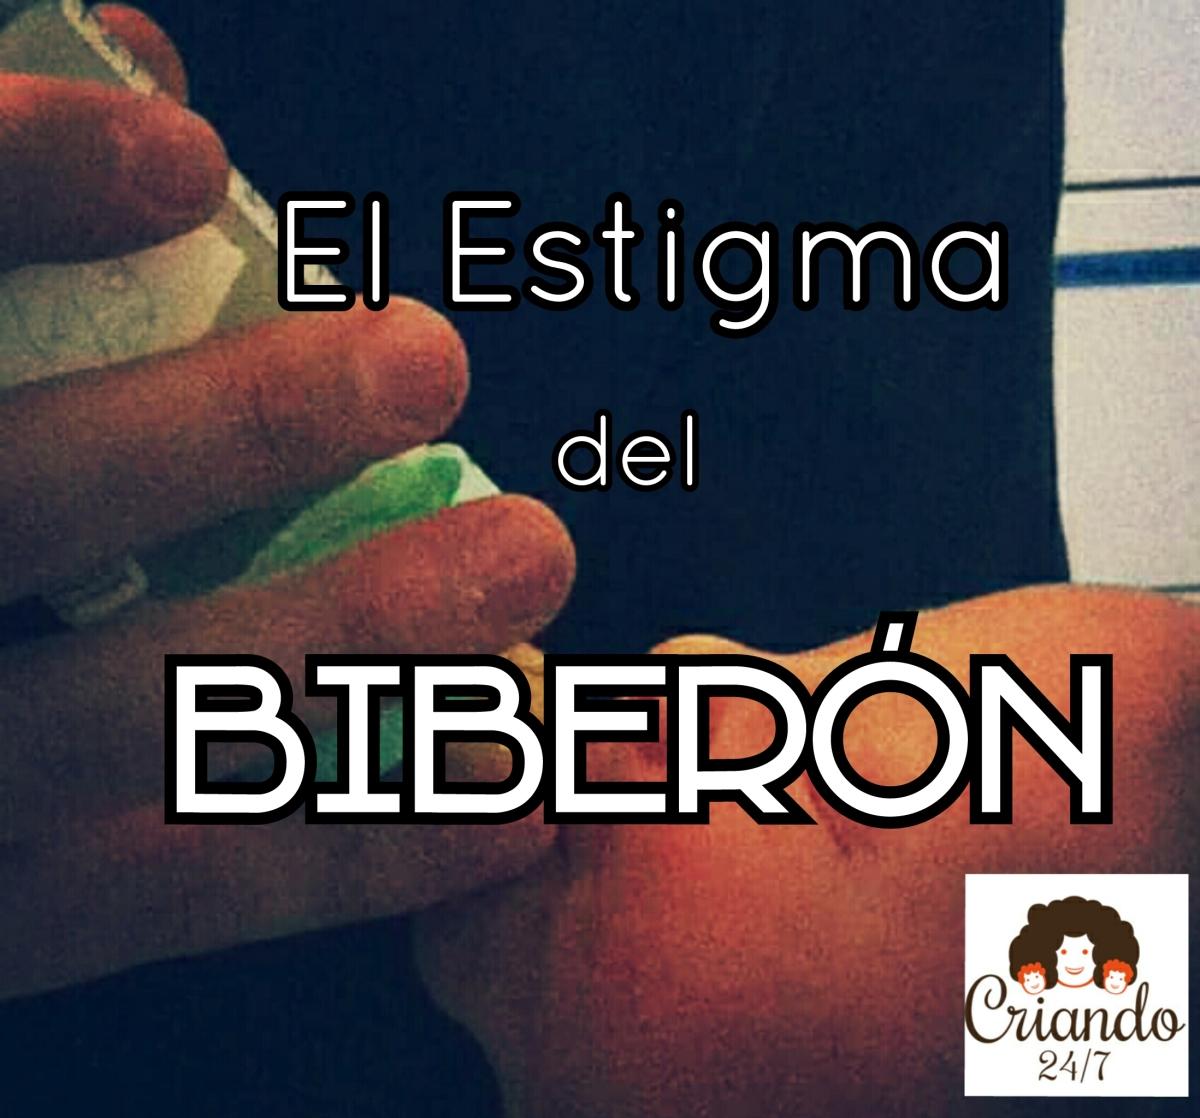 El estigma del Biberón